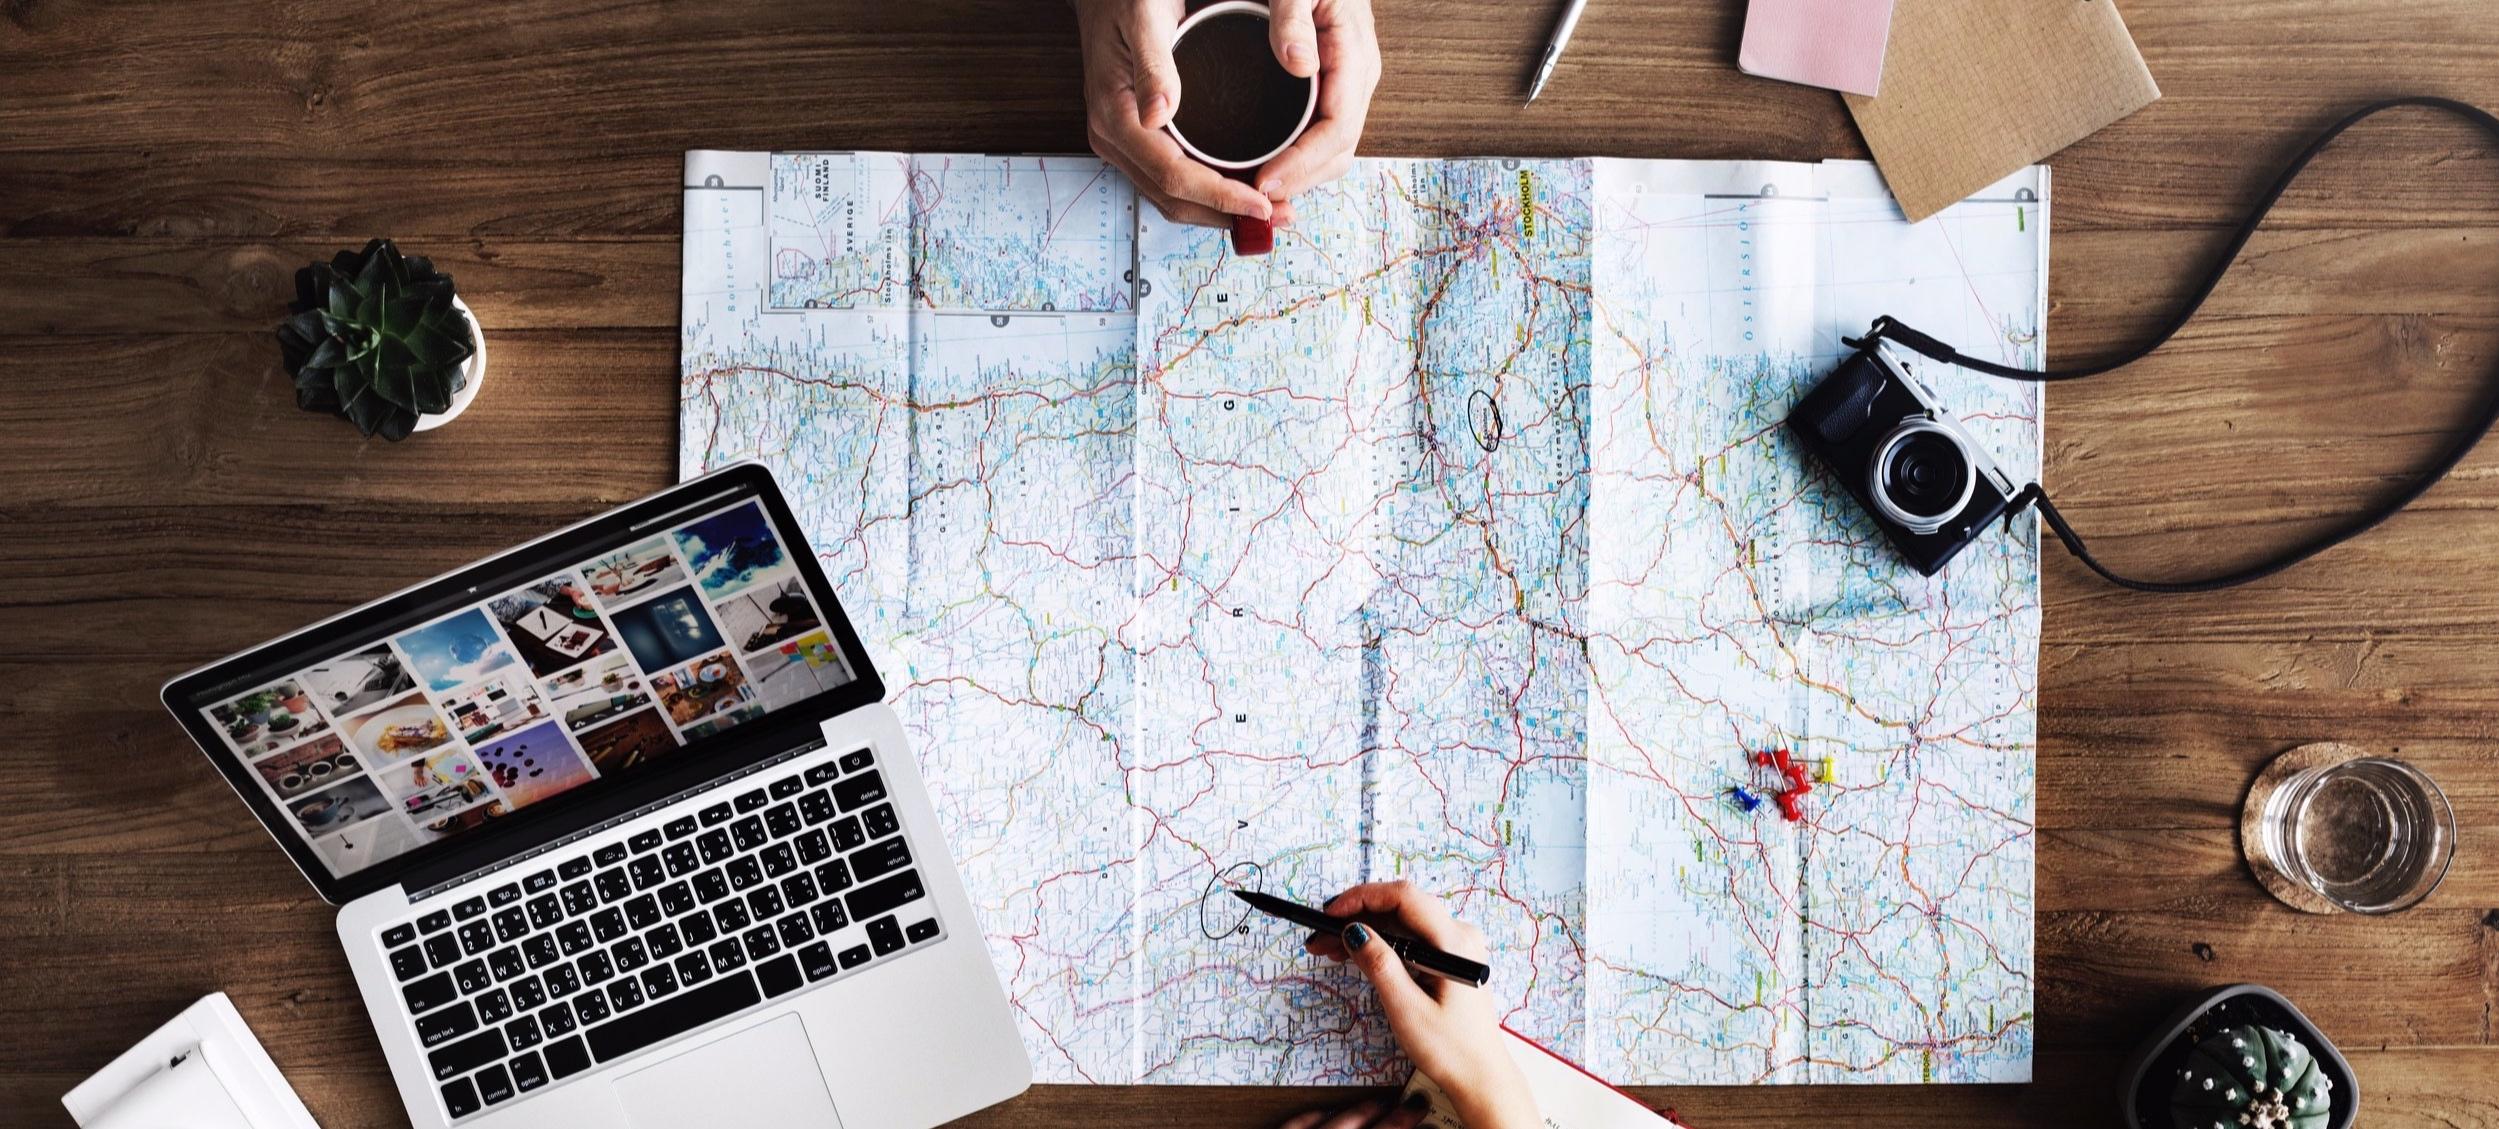 Die Landkarte zum Erfolg - Jetzt mit NorthPro erstellen